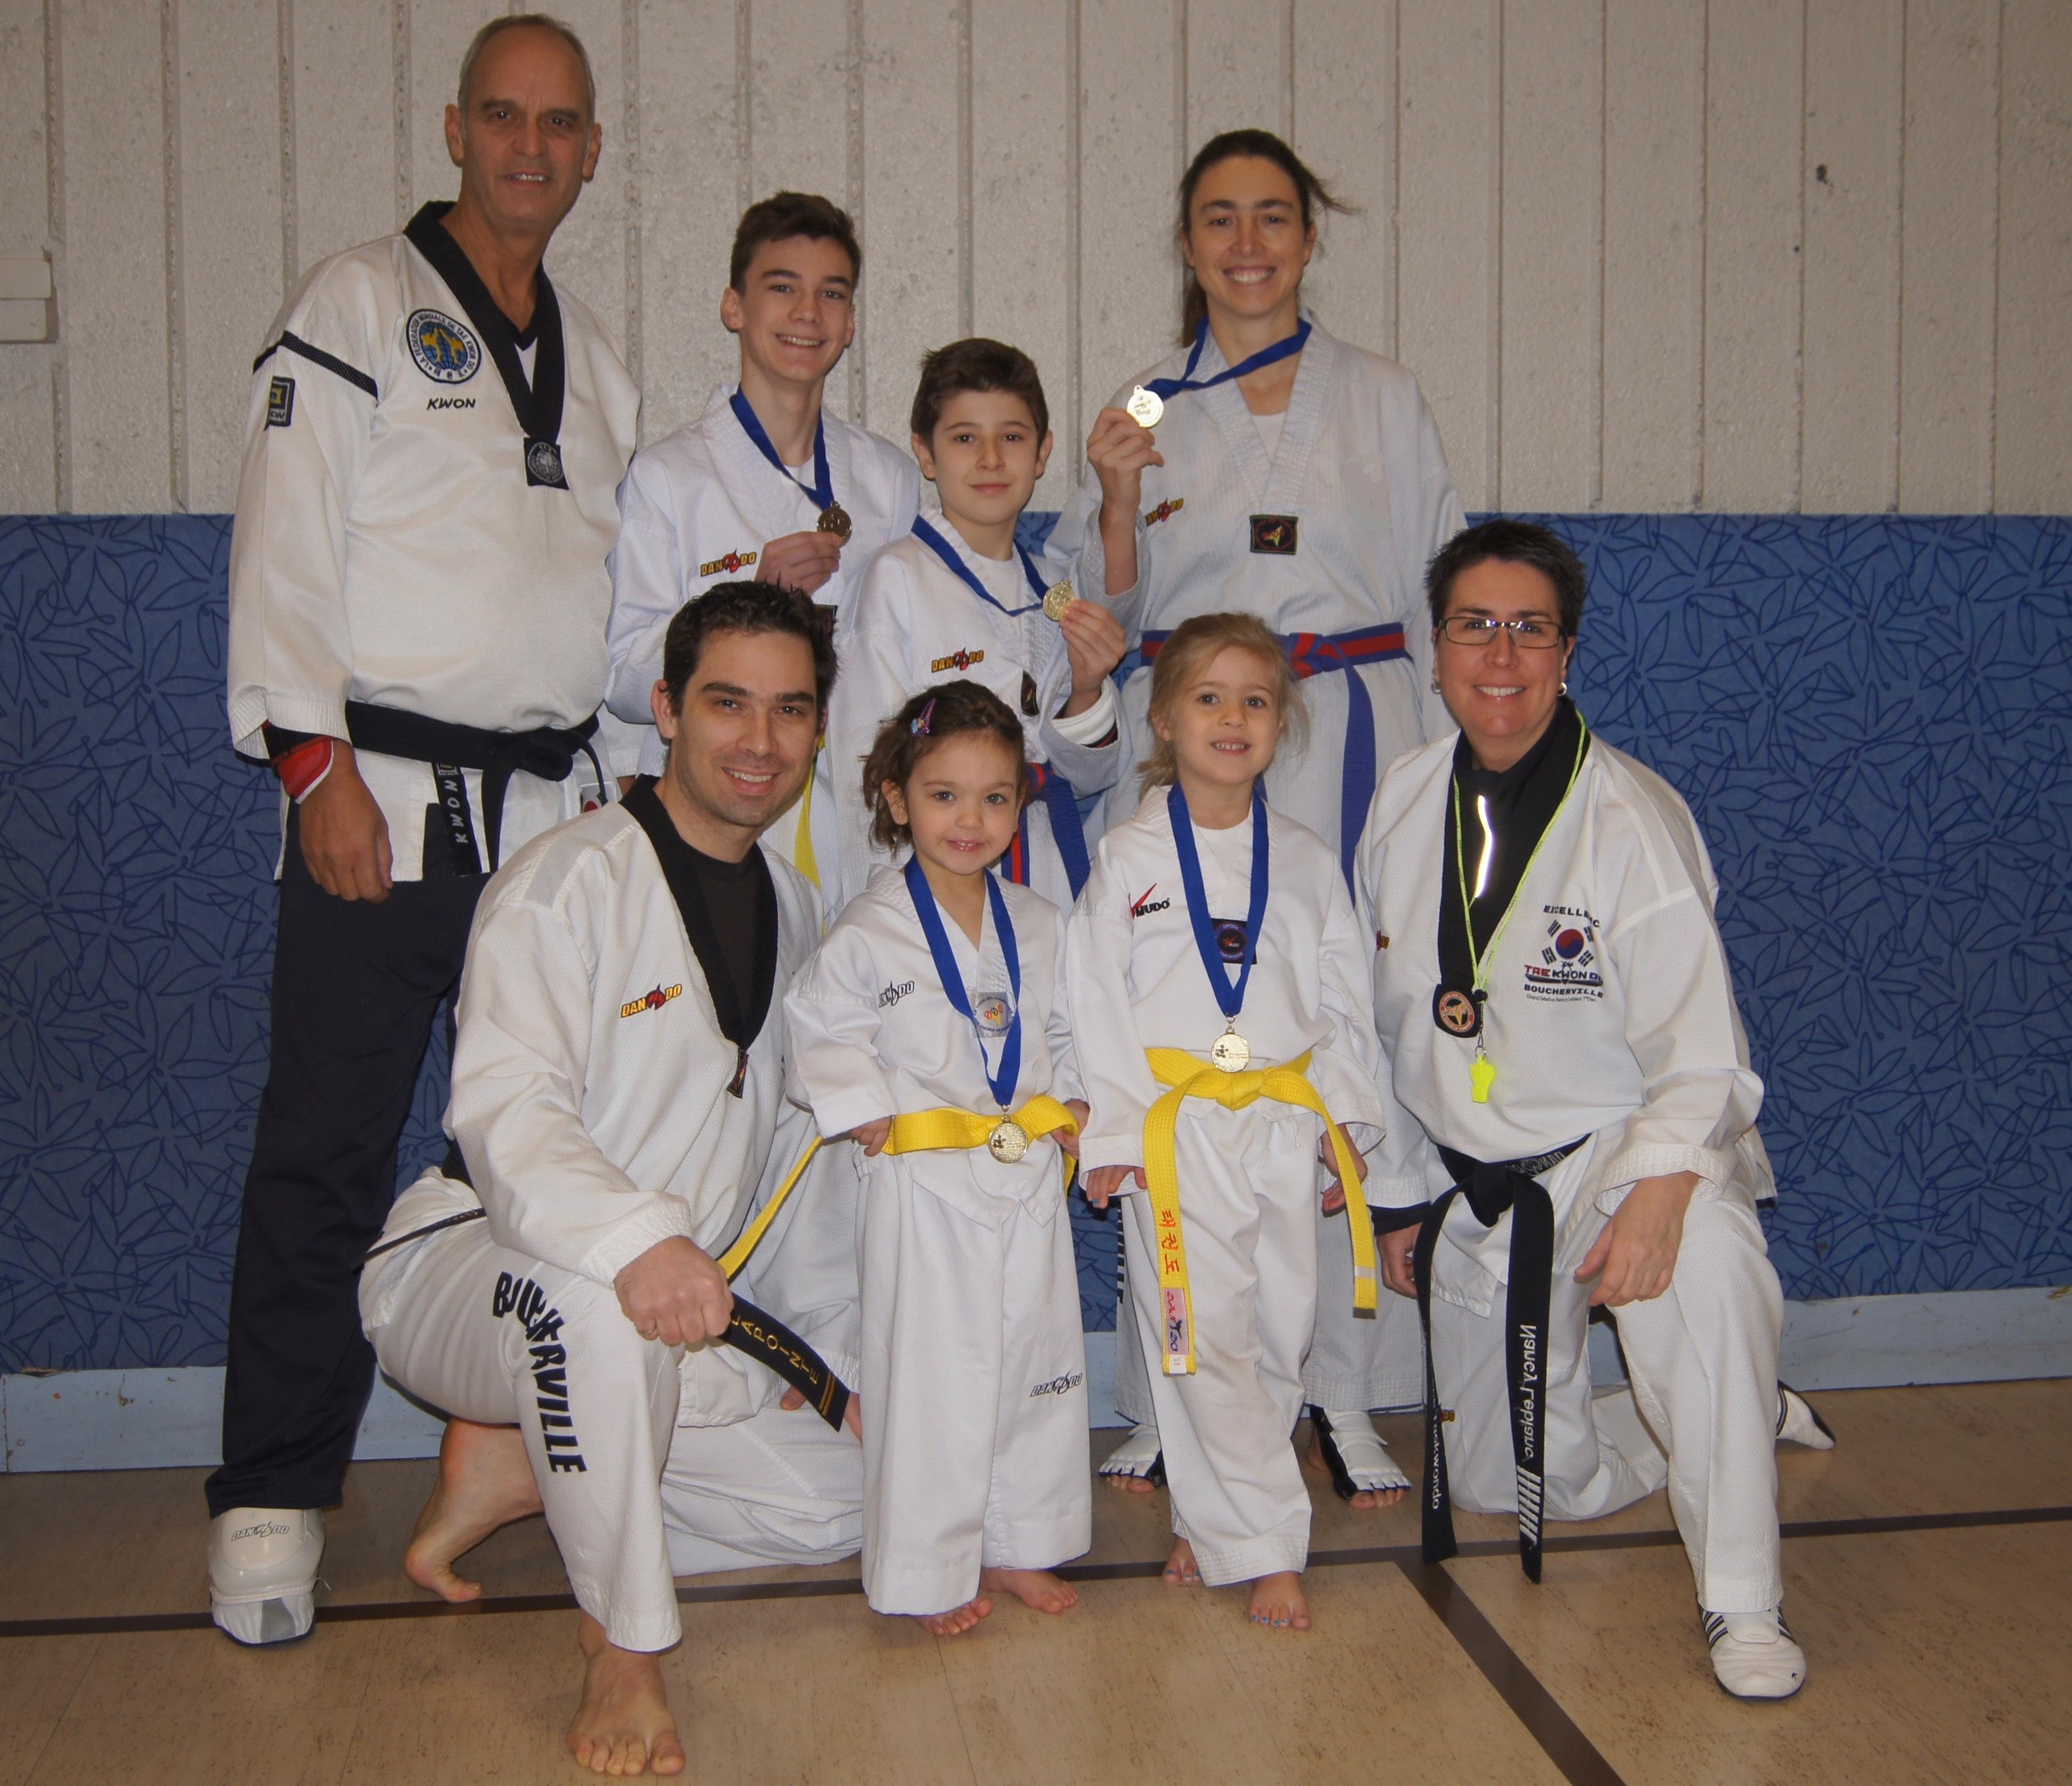 De belles réussites pour l'école Excellence taekwondo